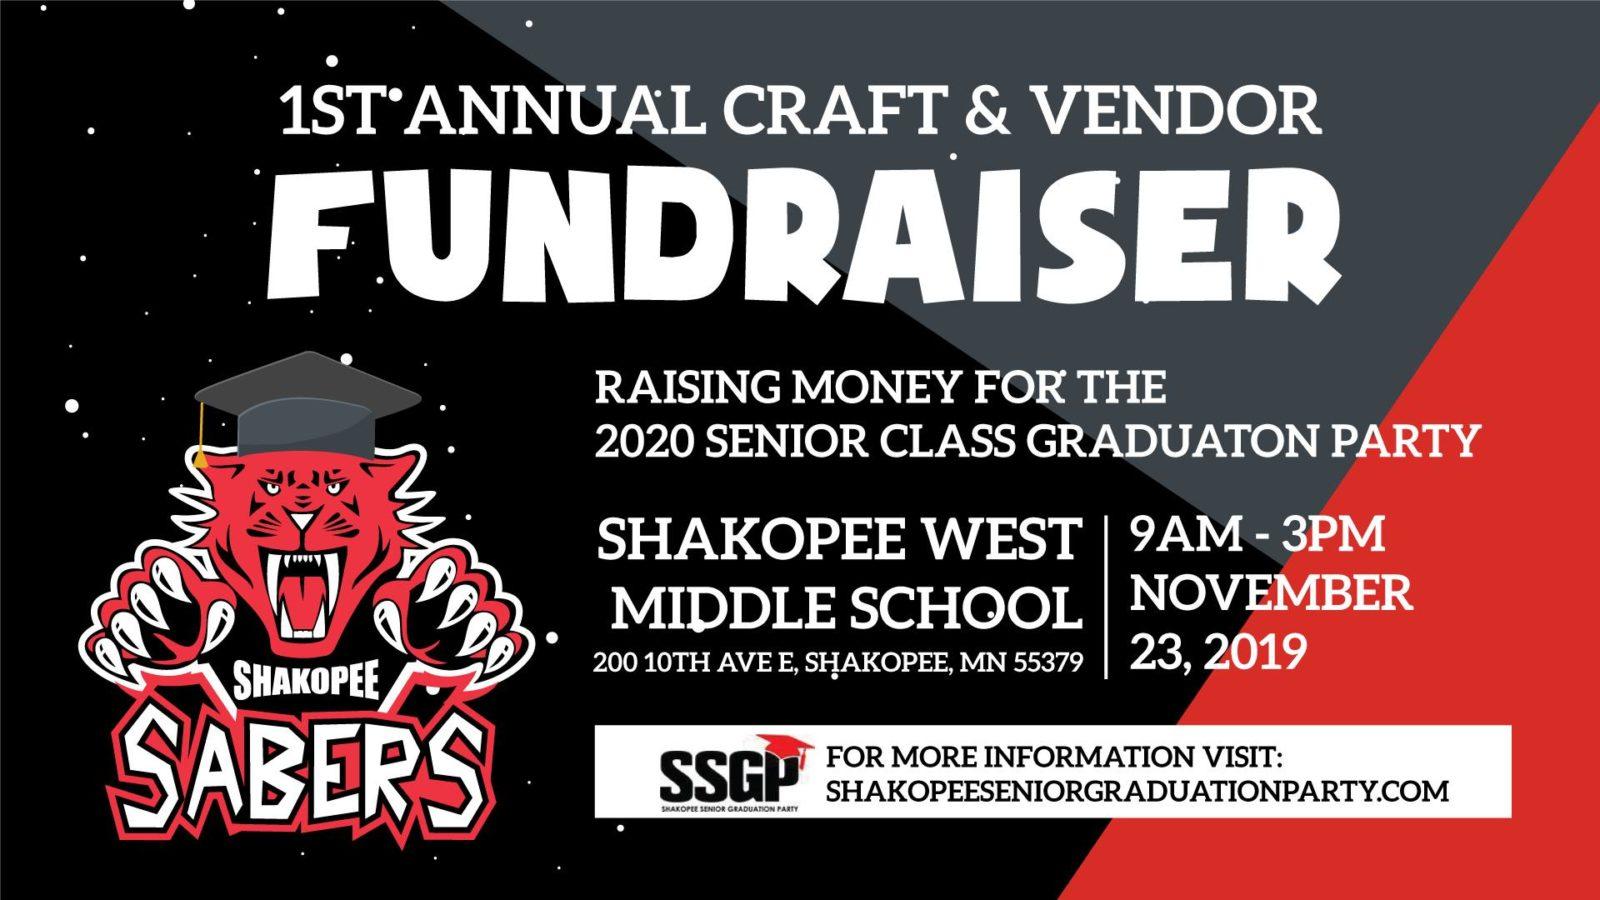 SSGP 1st Annual Craft & Vendor Fundraiser